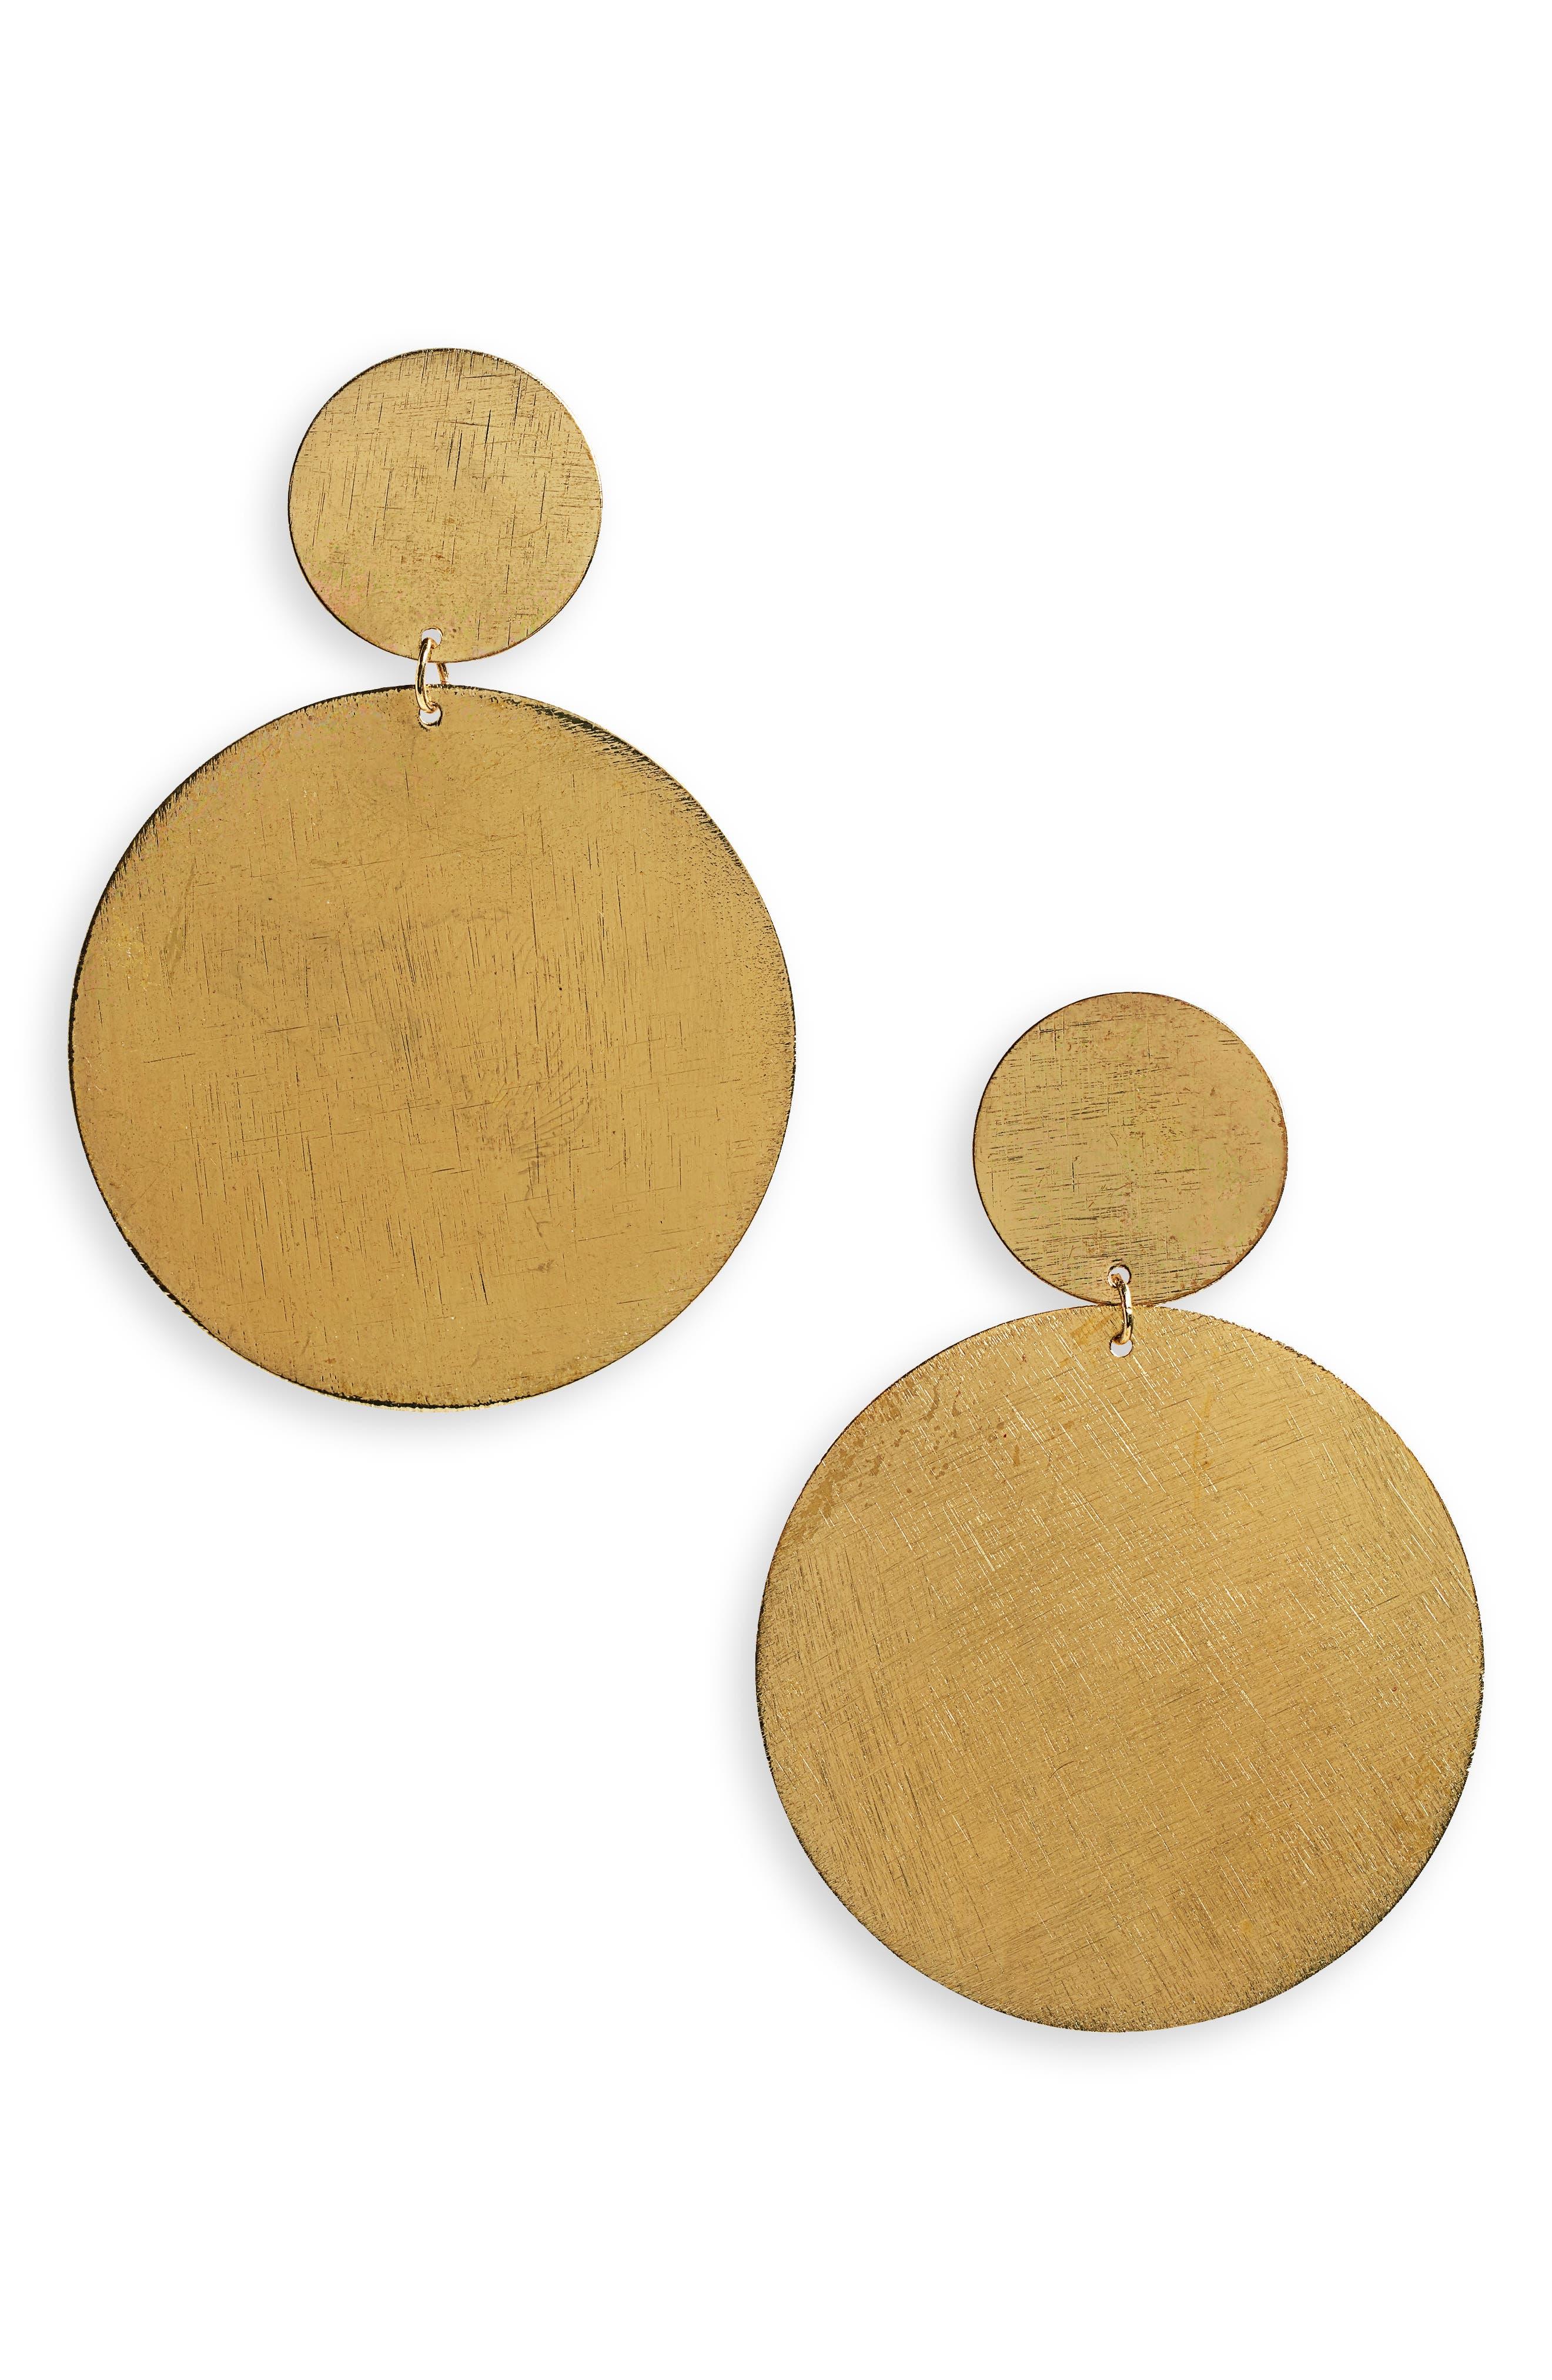 AREA STARS Faustine Drop Earrings in Gold